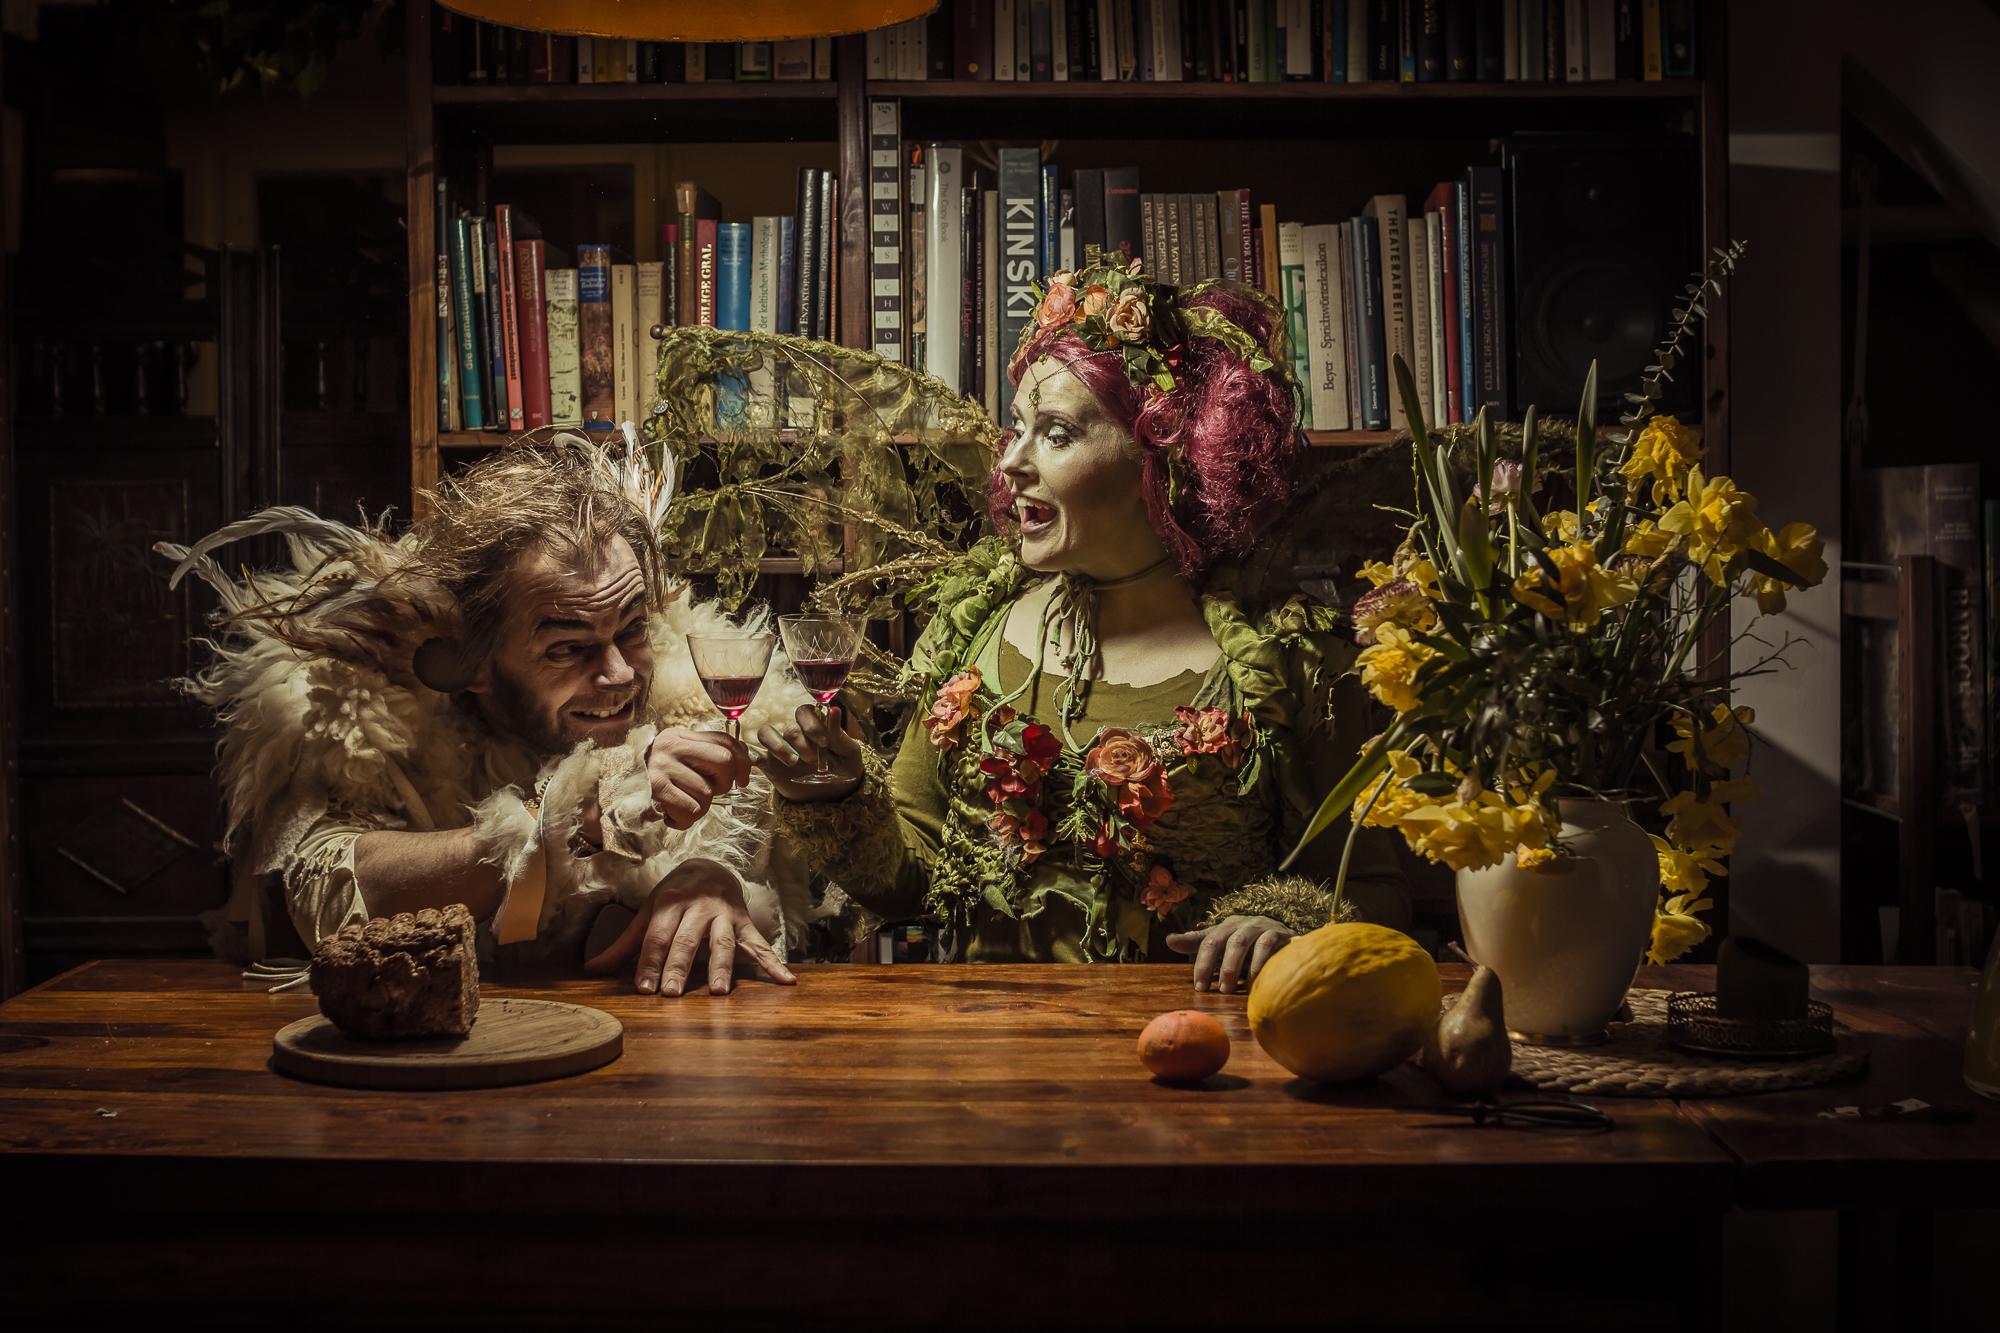 Promoshooting | Kostüme und Make Up | Hammerflausch | Gero Bergmann | Selbstportrait